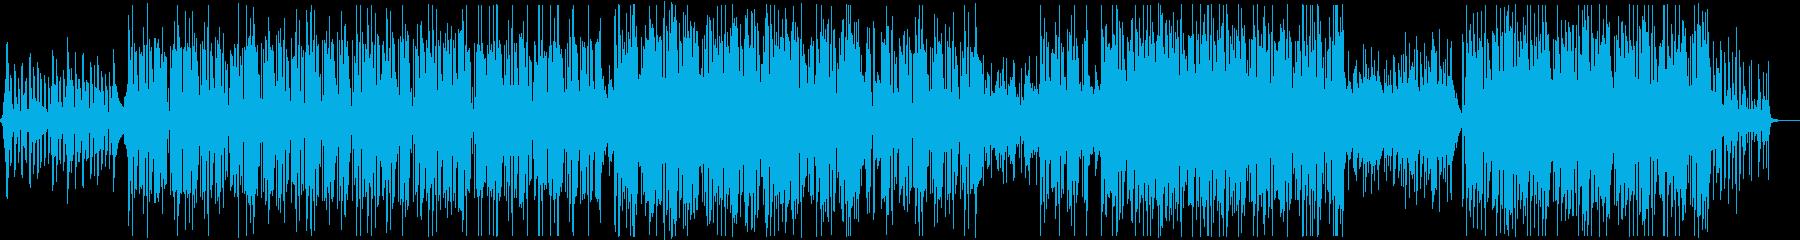 テクノCM映像用の曲企業VP爽やか幻想的の再生済みの波形